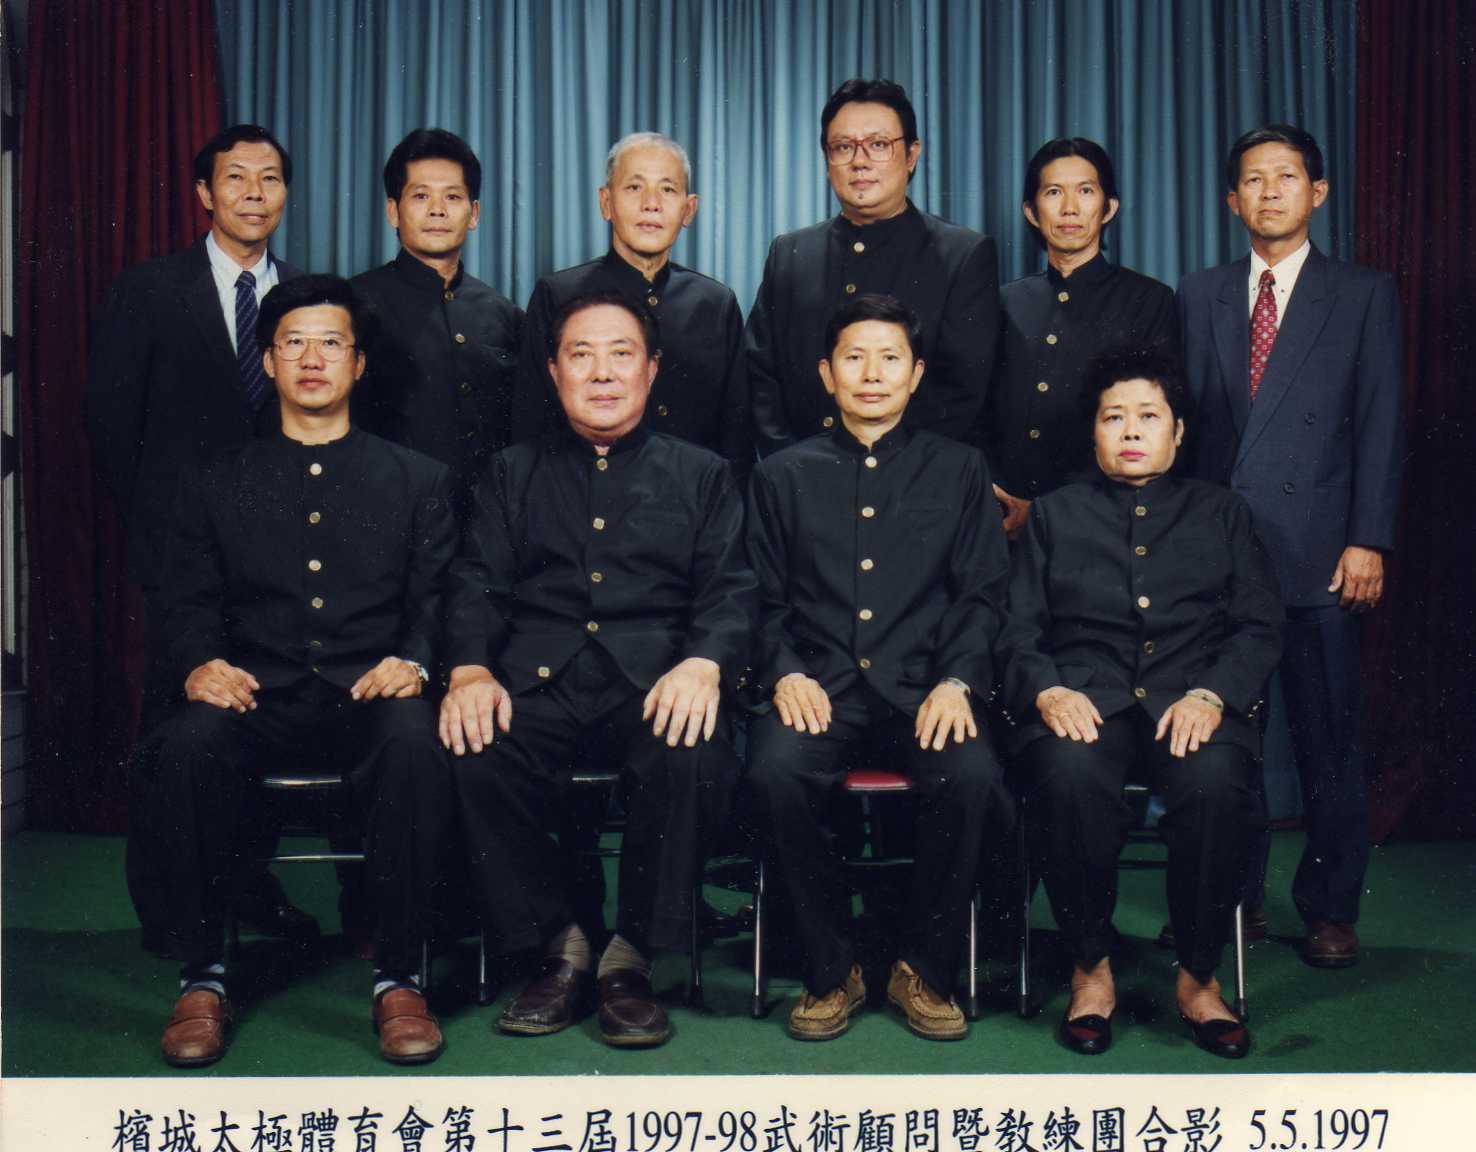 Board of instructors at the Taiji Association, Penang.